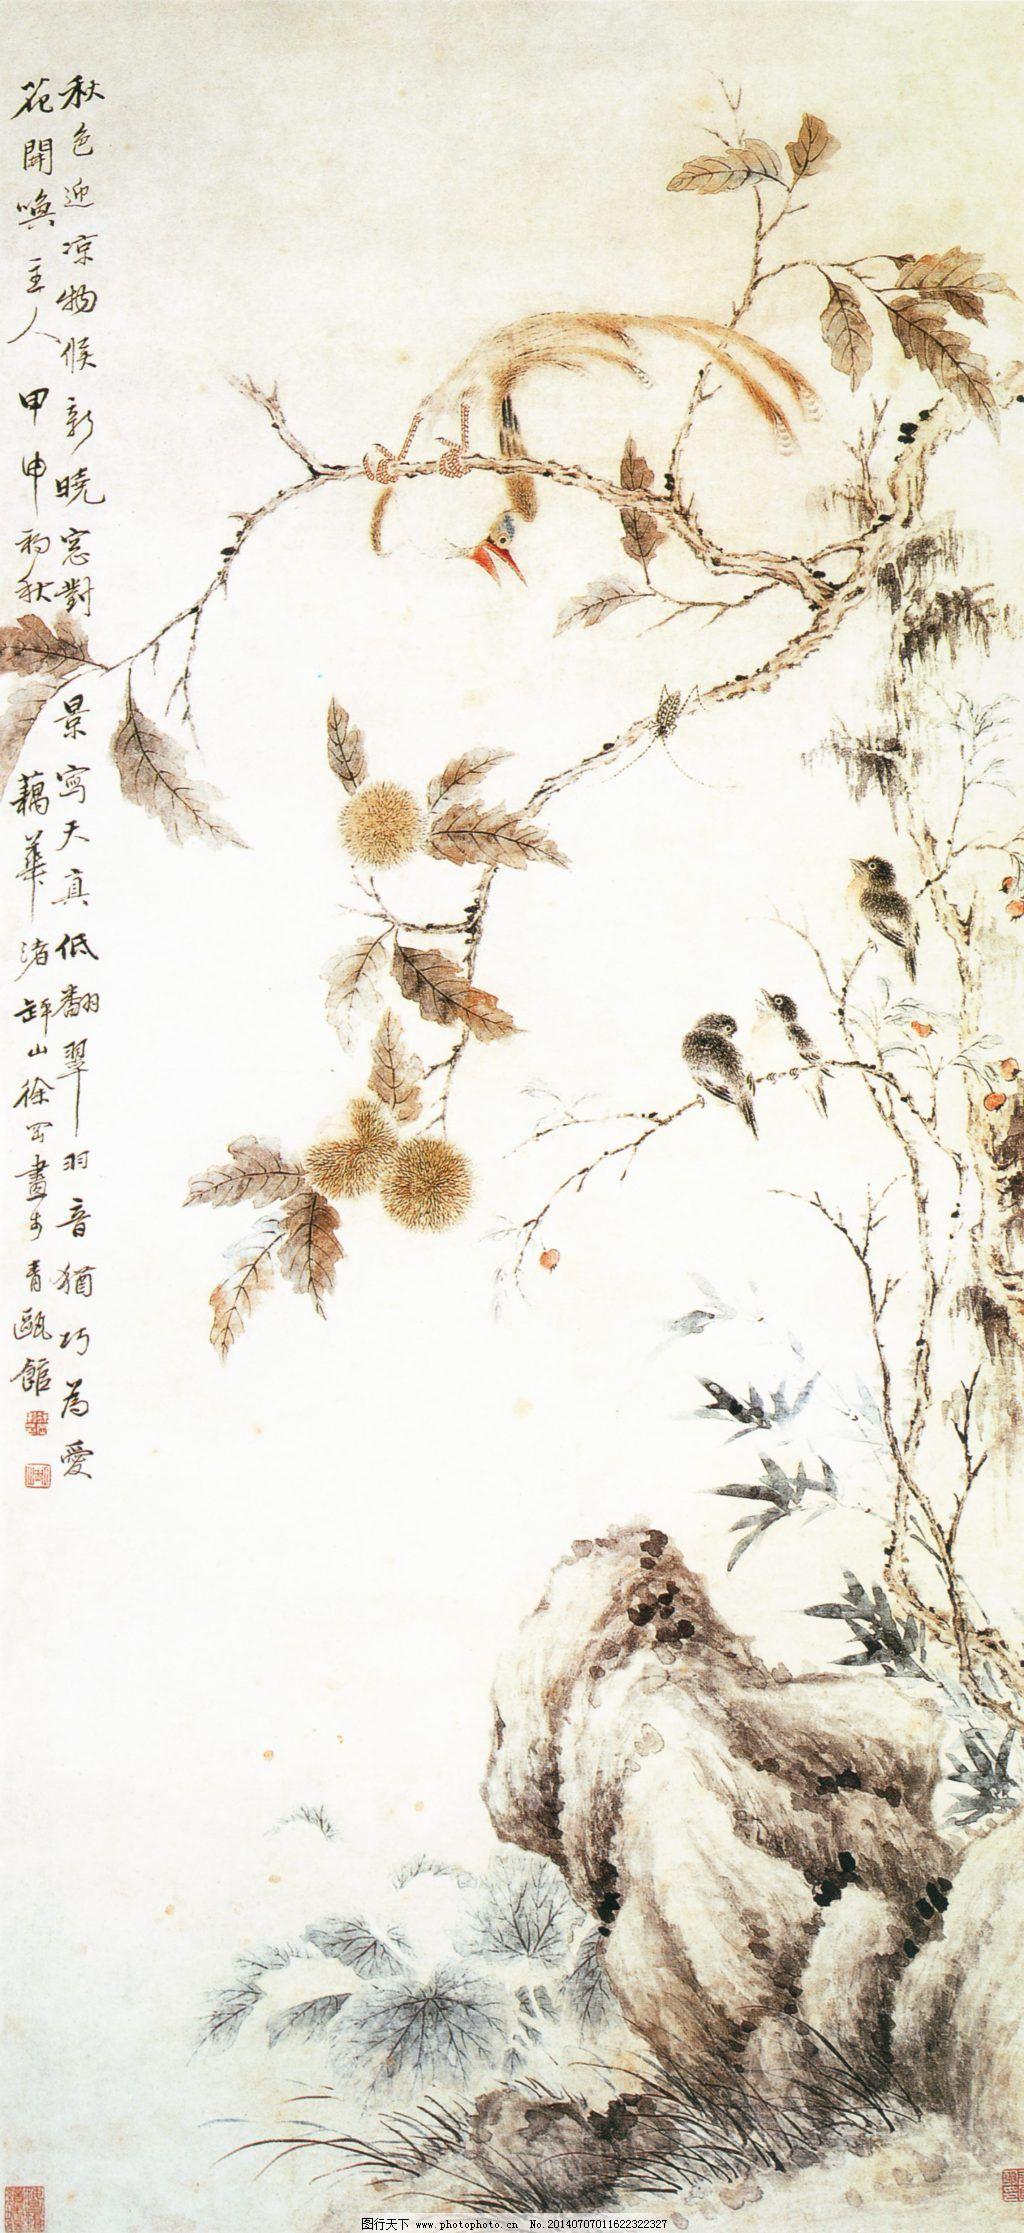 设计 文化艺术 鲜花 燕子 国画风景 工笔花鸟 中国画 花鸟画 柳树